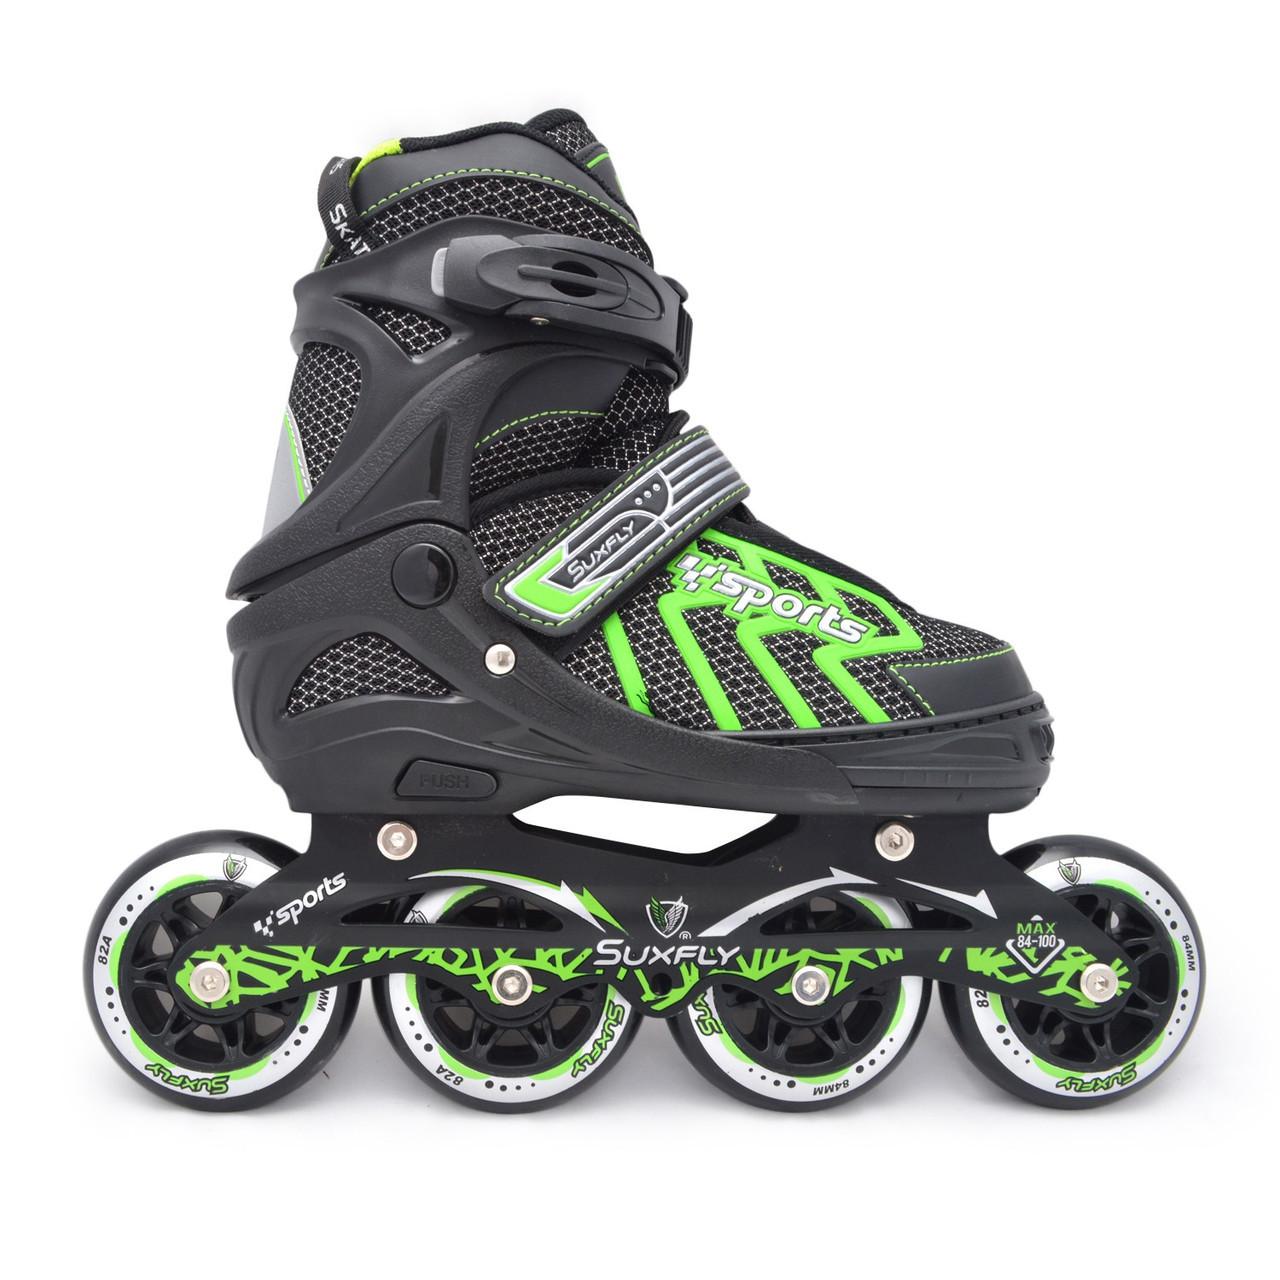 Роликовые коньки/ролики Cool Slide M-6005, колеса 84-90 мм, раздвижные, M(35-38), L(39-42), разн. цвета.